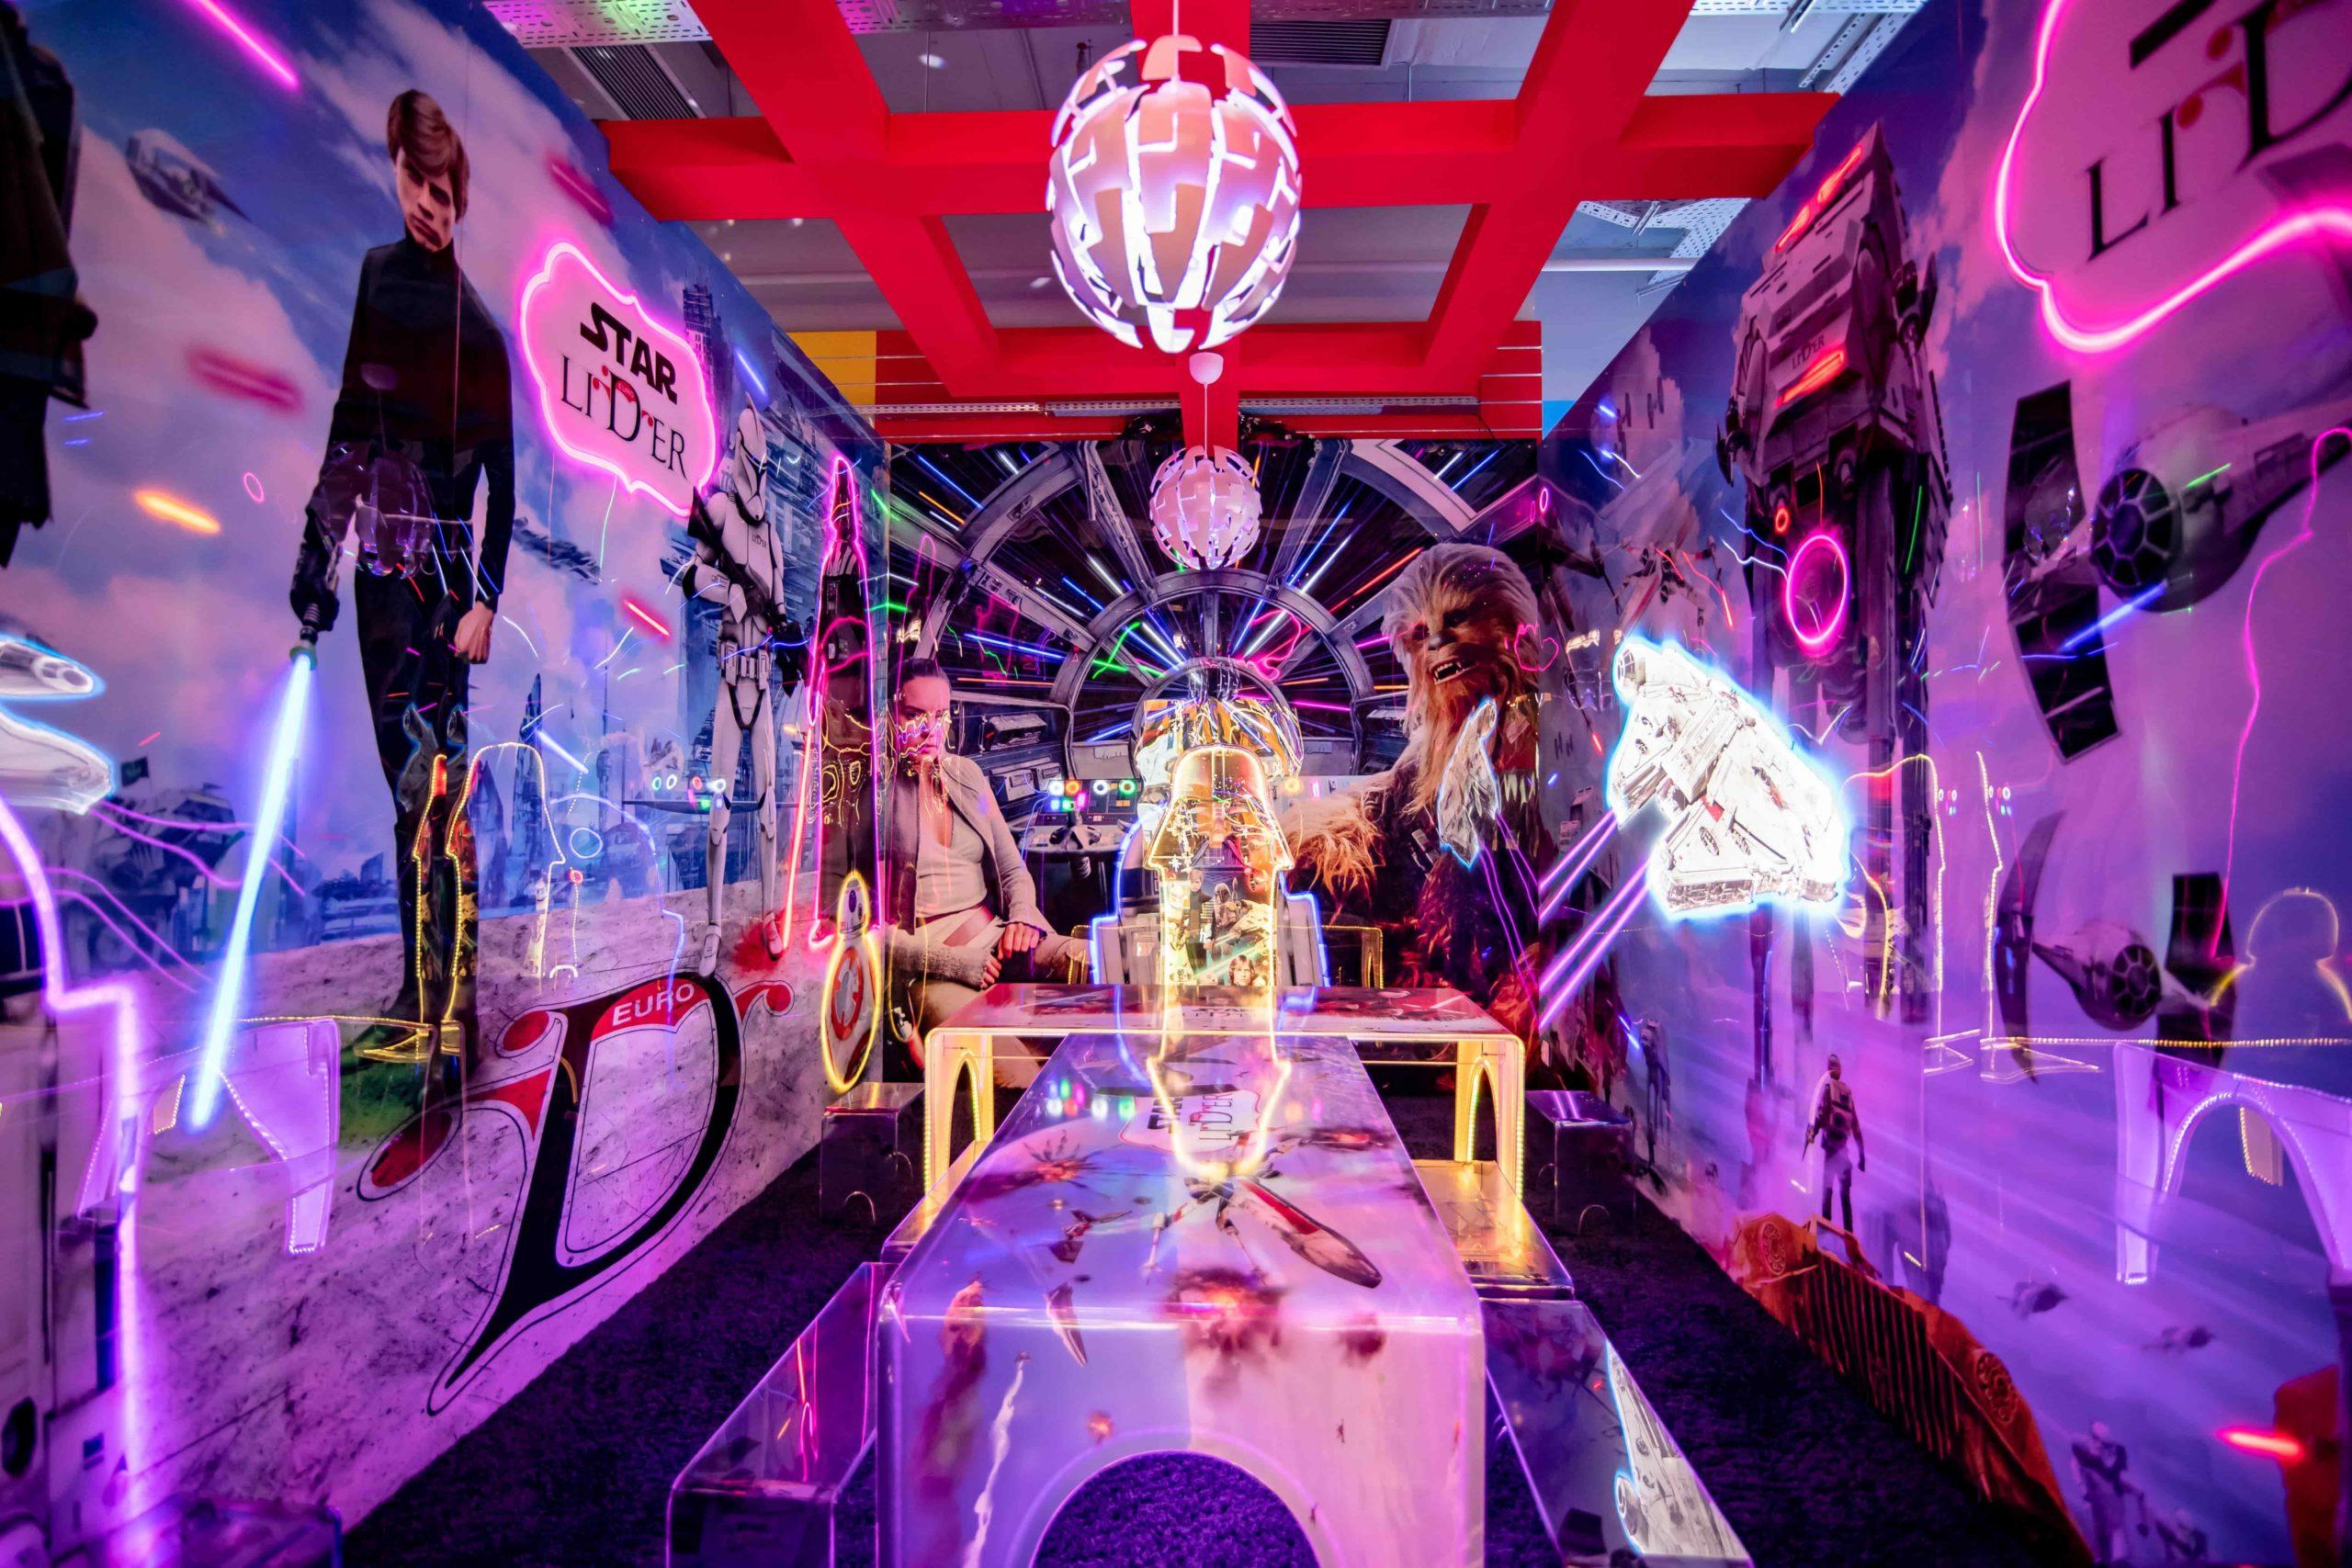 Bajkowy plac zabaw Euro Lider - nowe miejsce dla dzieci otwarte w Atrium Reduta